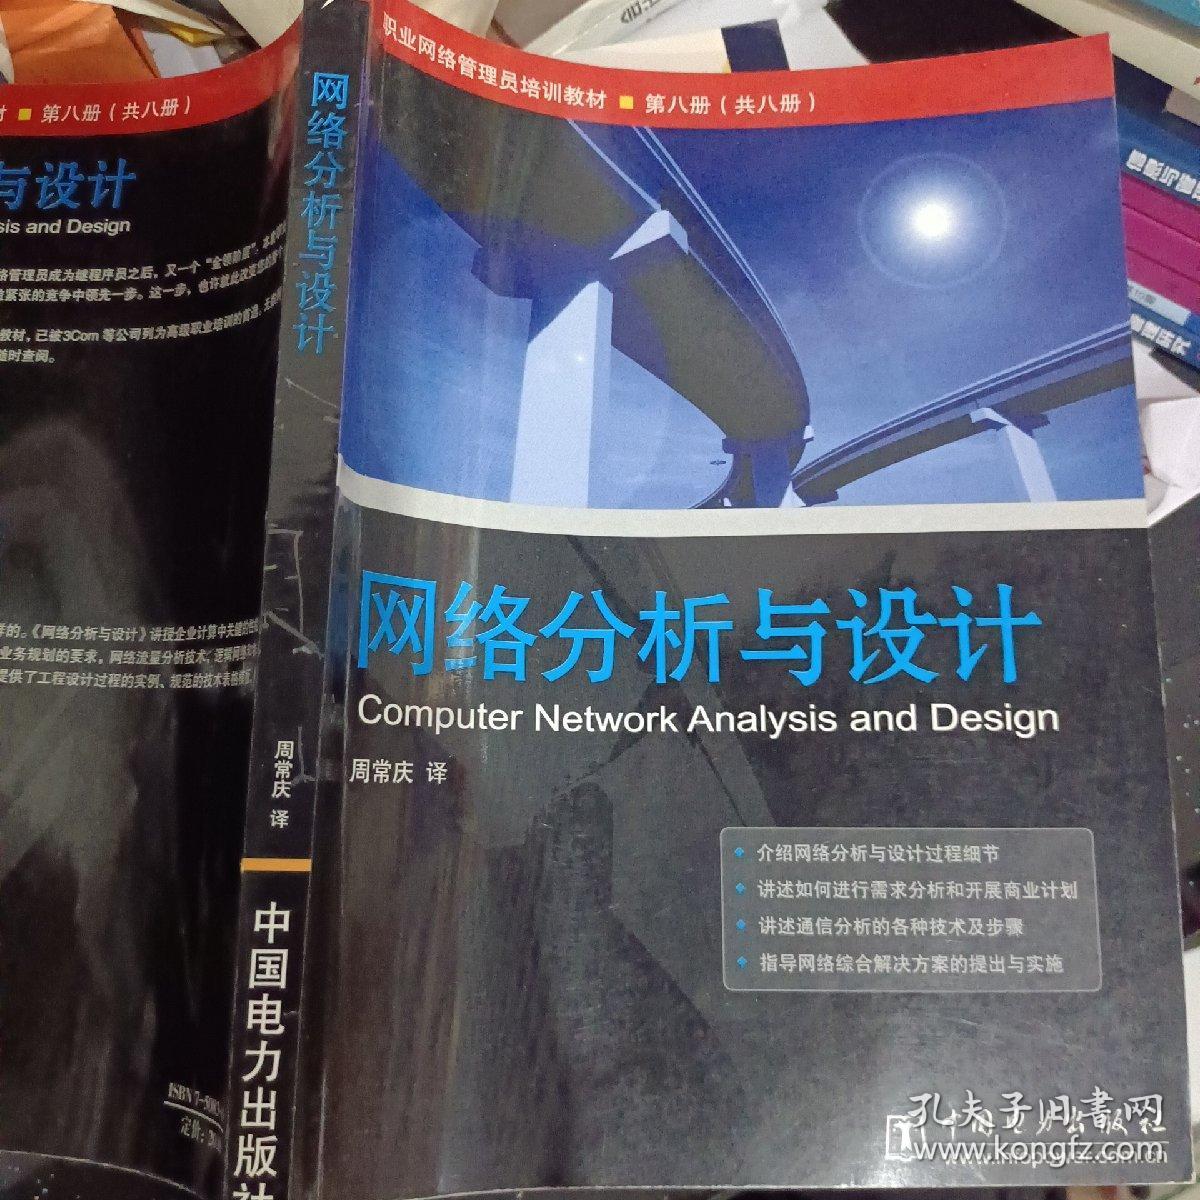 网络分析与设计